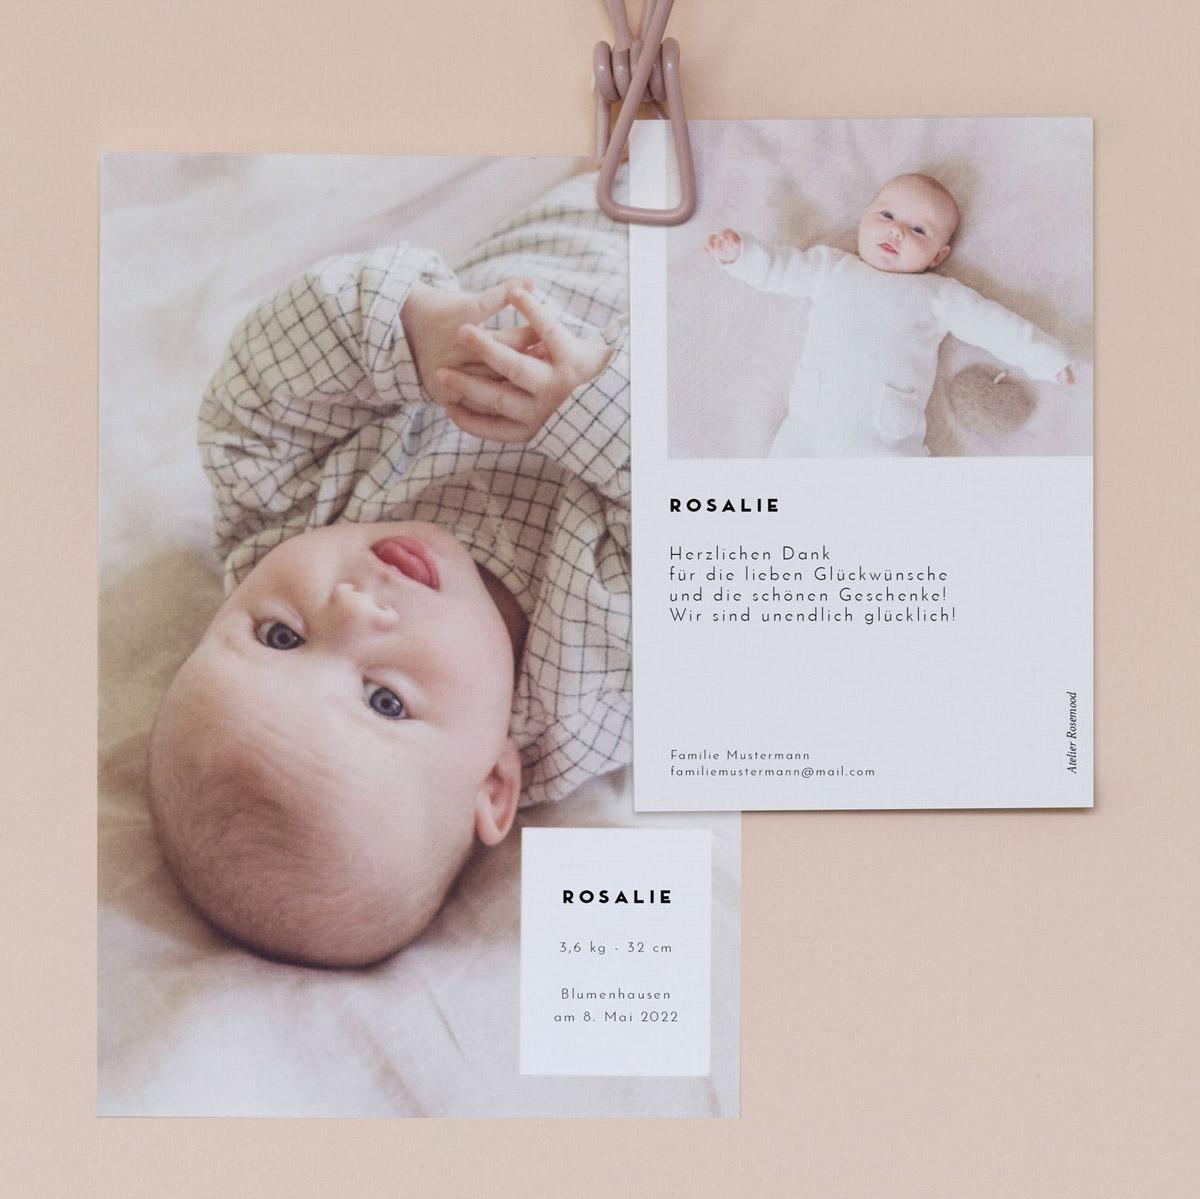 Babykarten lassen sich einfach erstellen und sind eine tolle Idee um sich für Geschenke zu bedanken